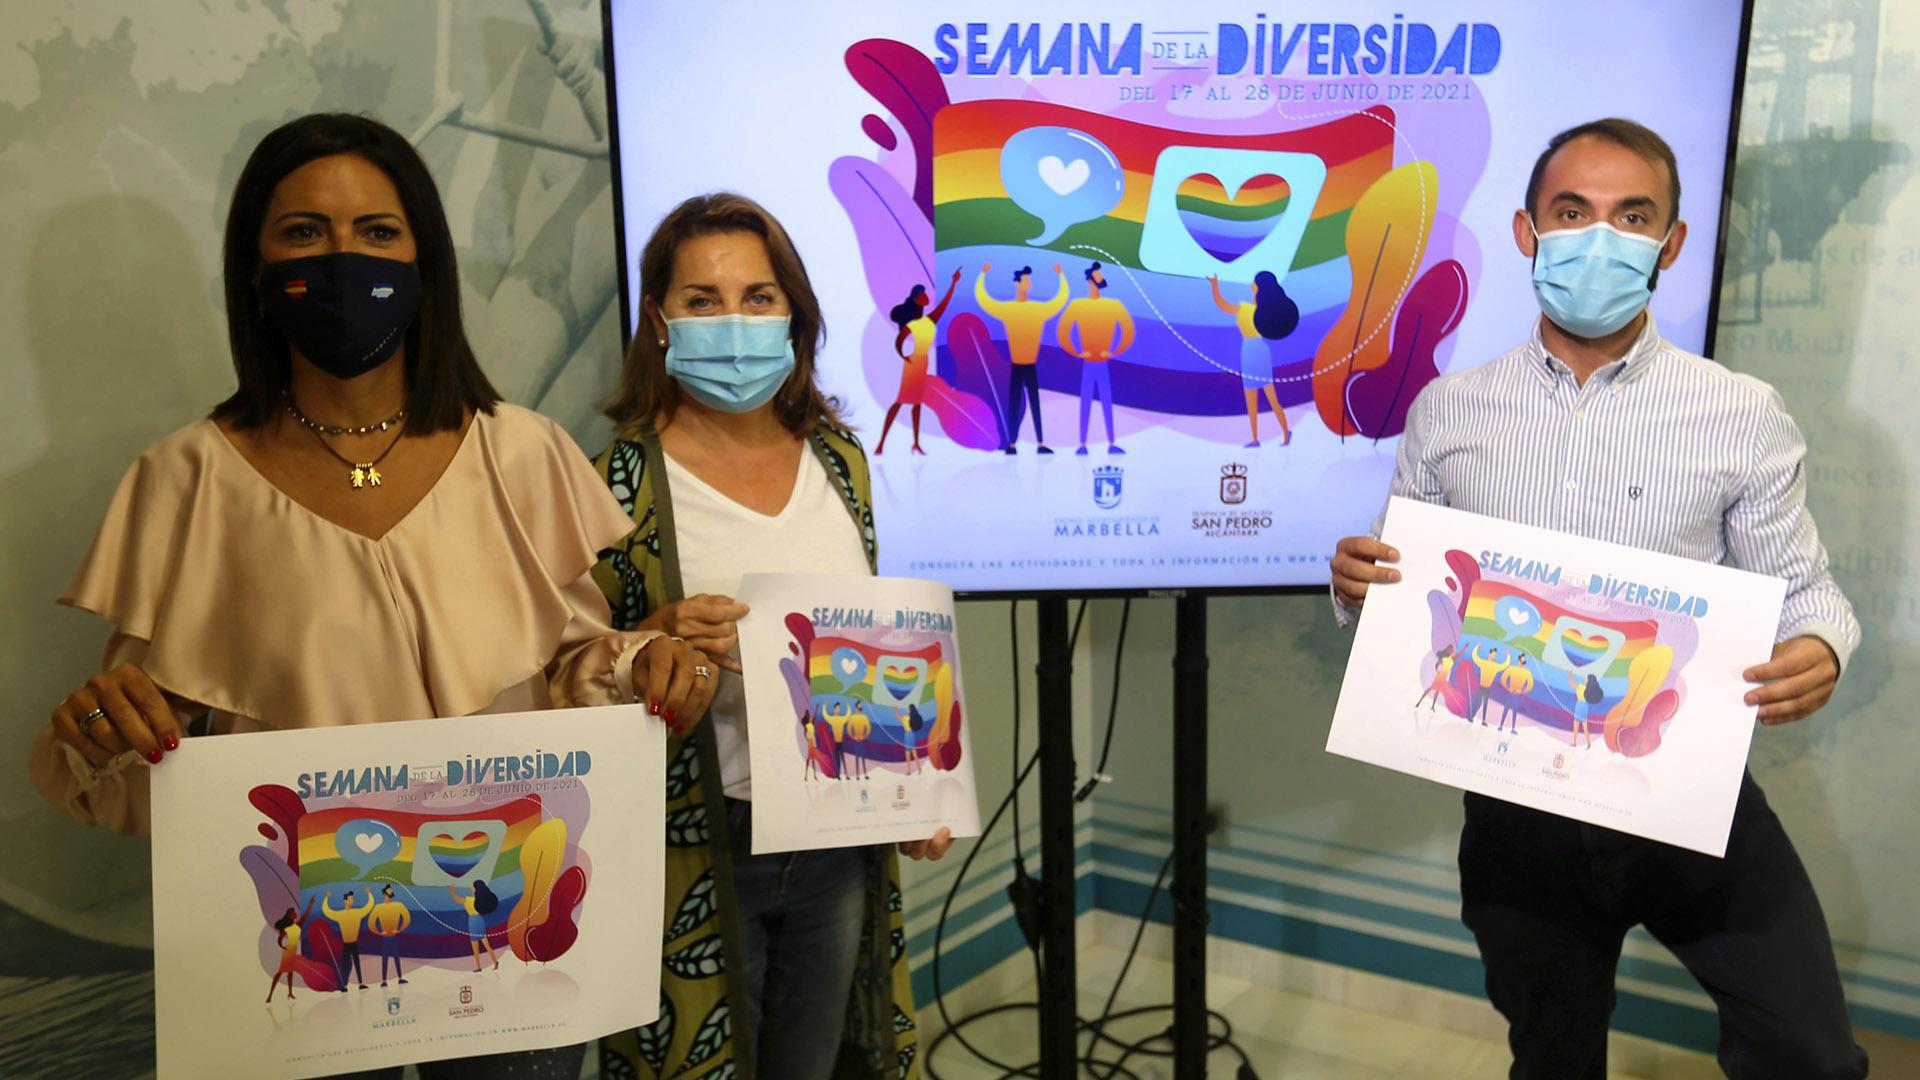 Actividades concienciadoras y lúdicas para conmemorar el Día Internacional del Orgullo LGTBI